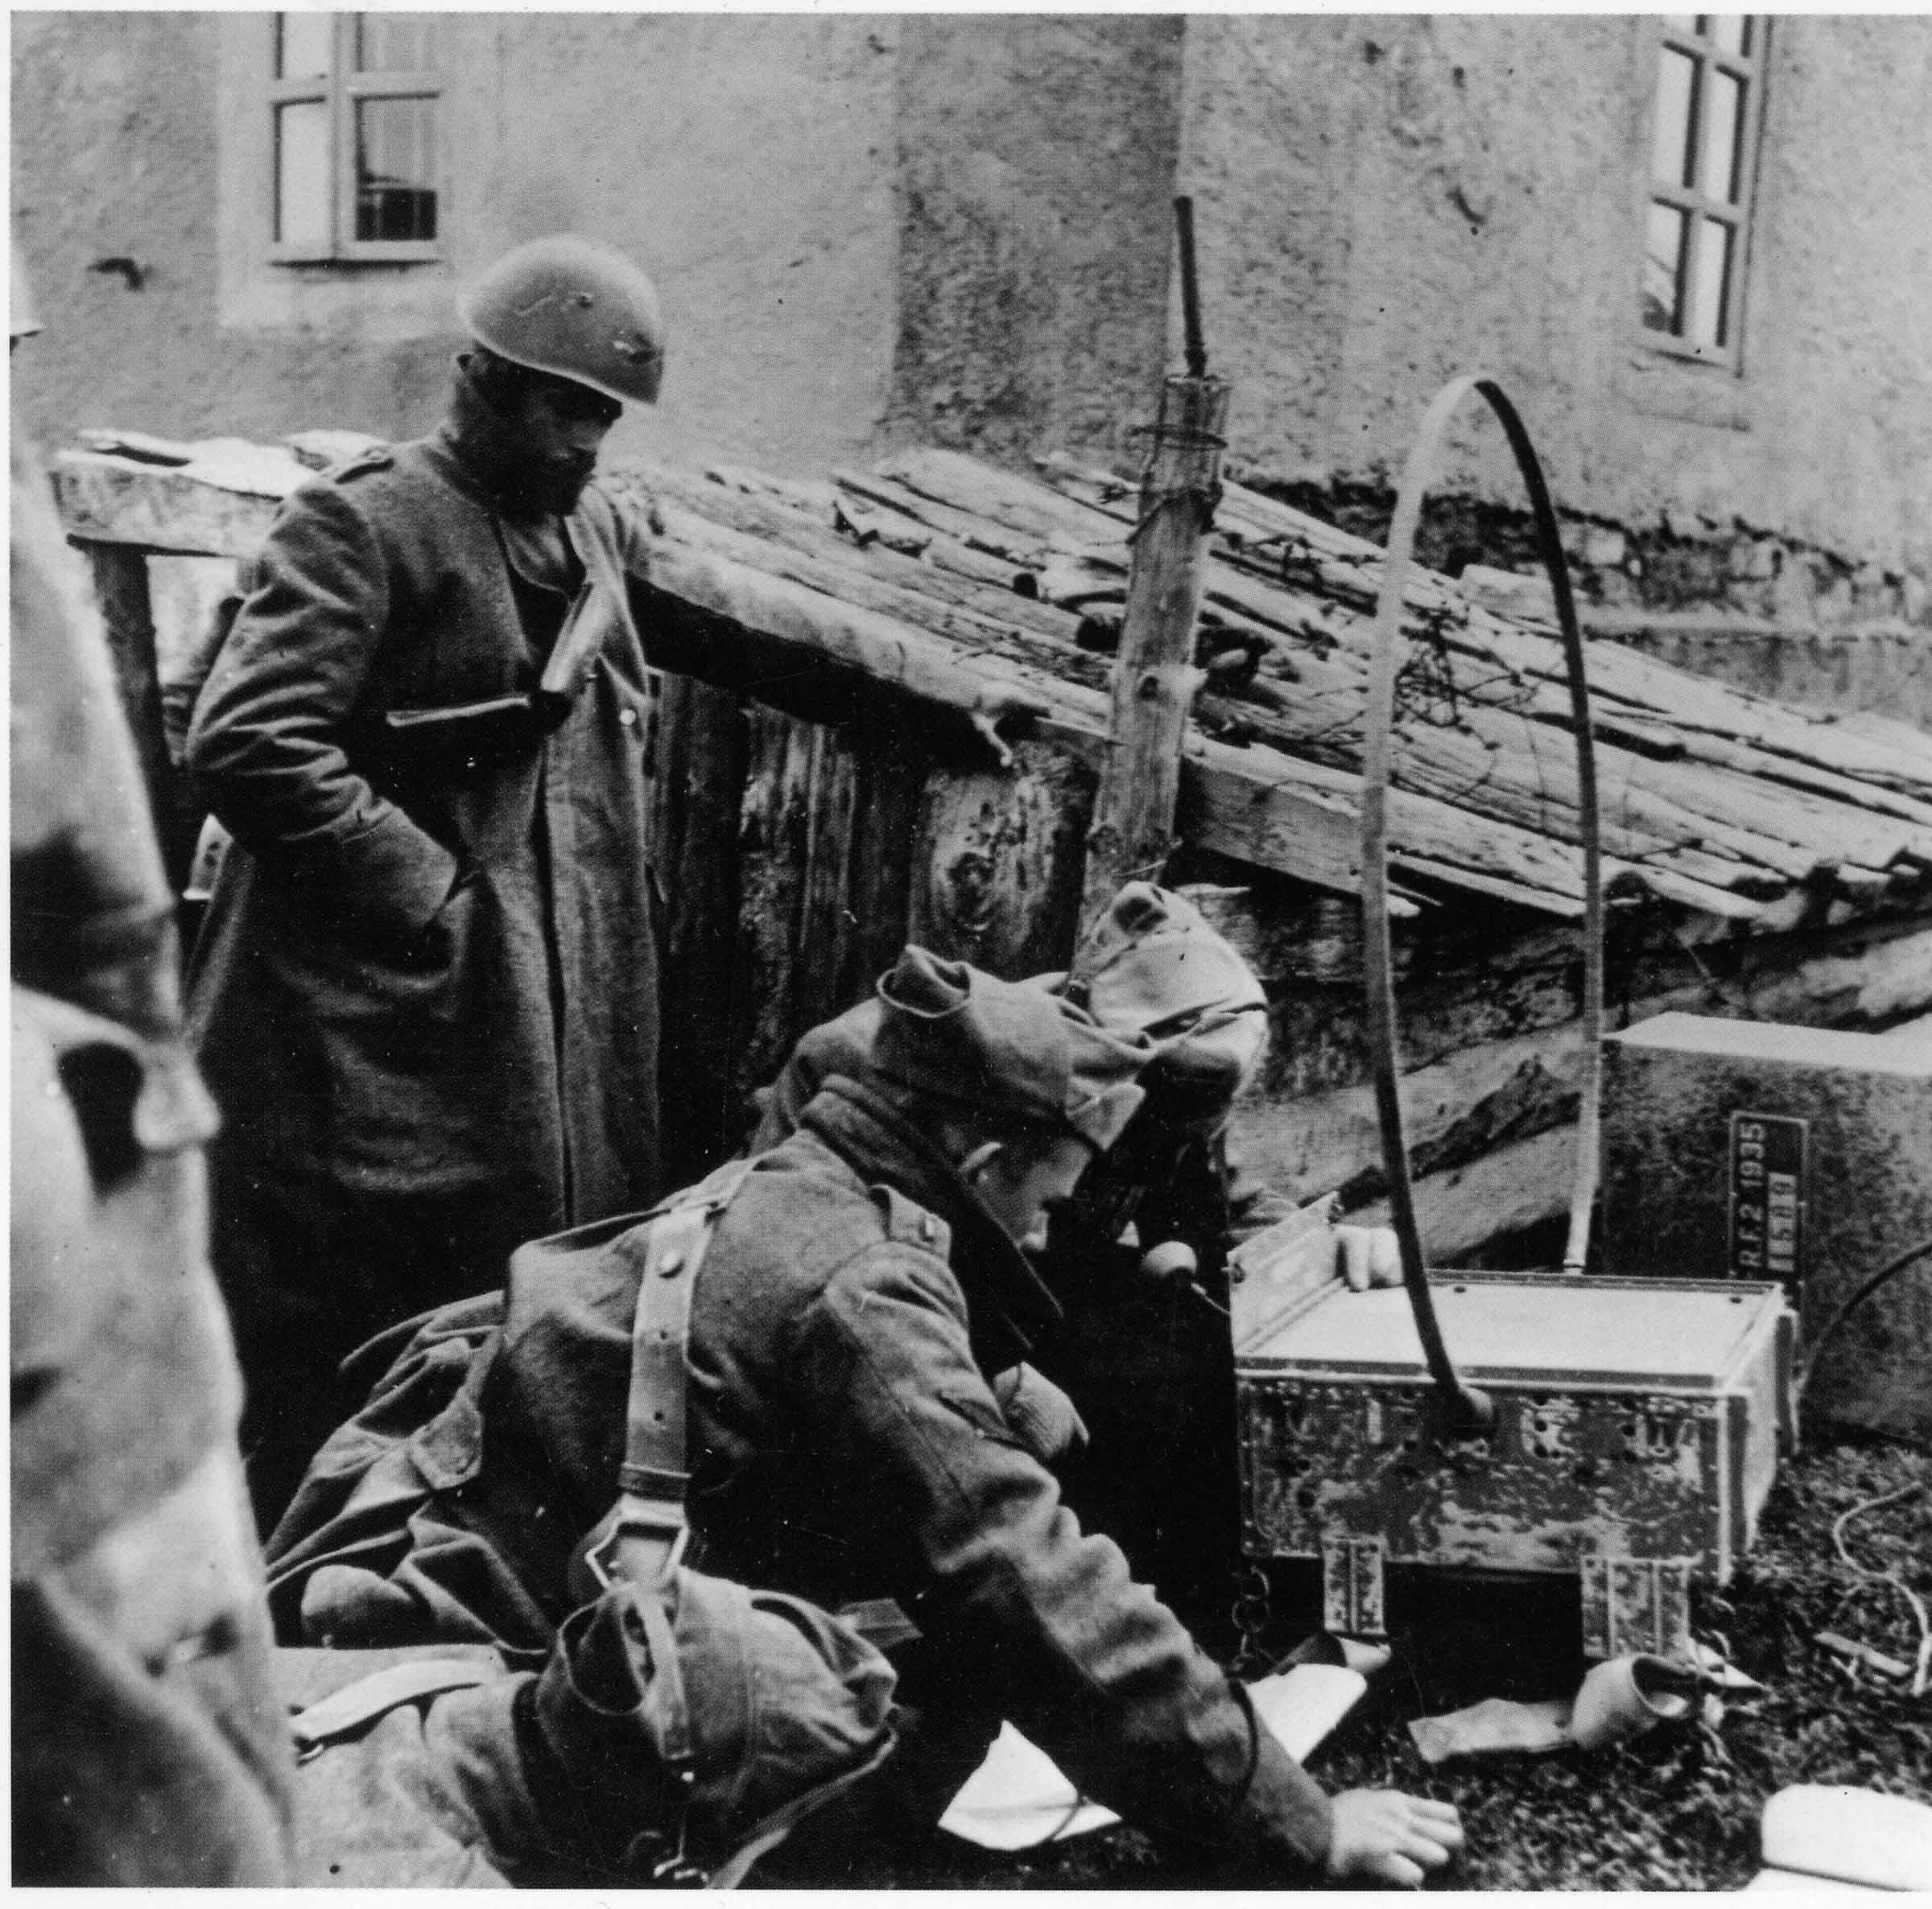 Servizio intercettazione anteriore alla ii guerra mondiale for Decorati 2 guerra mondiale